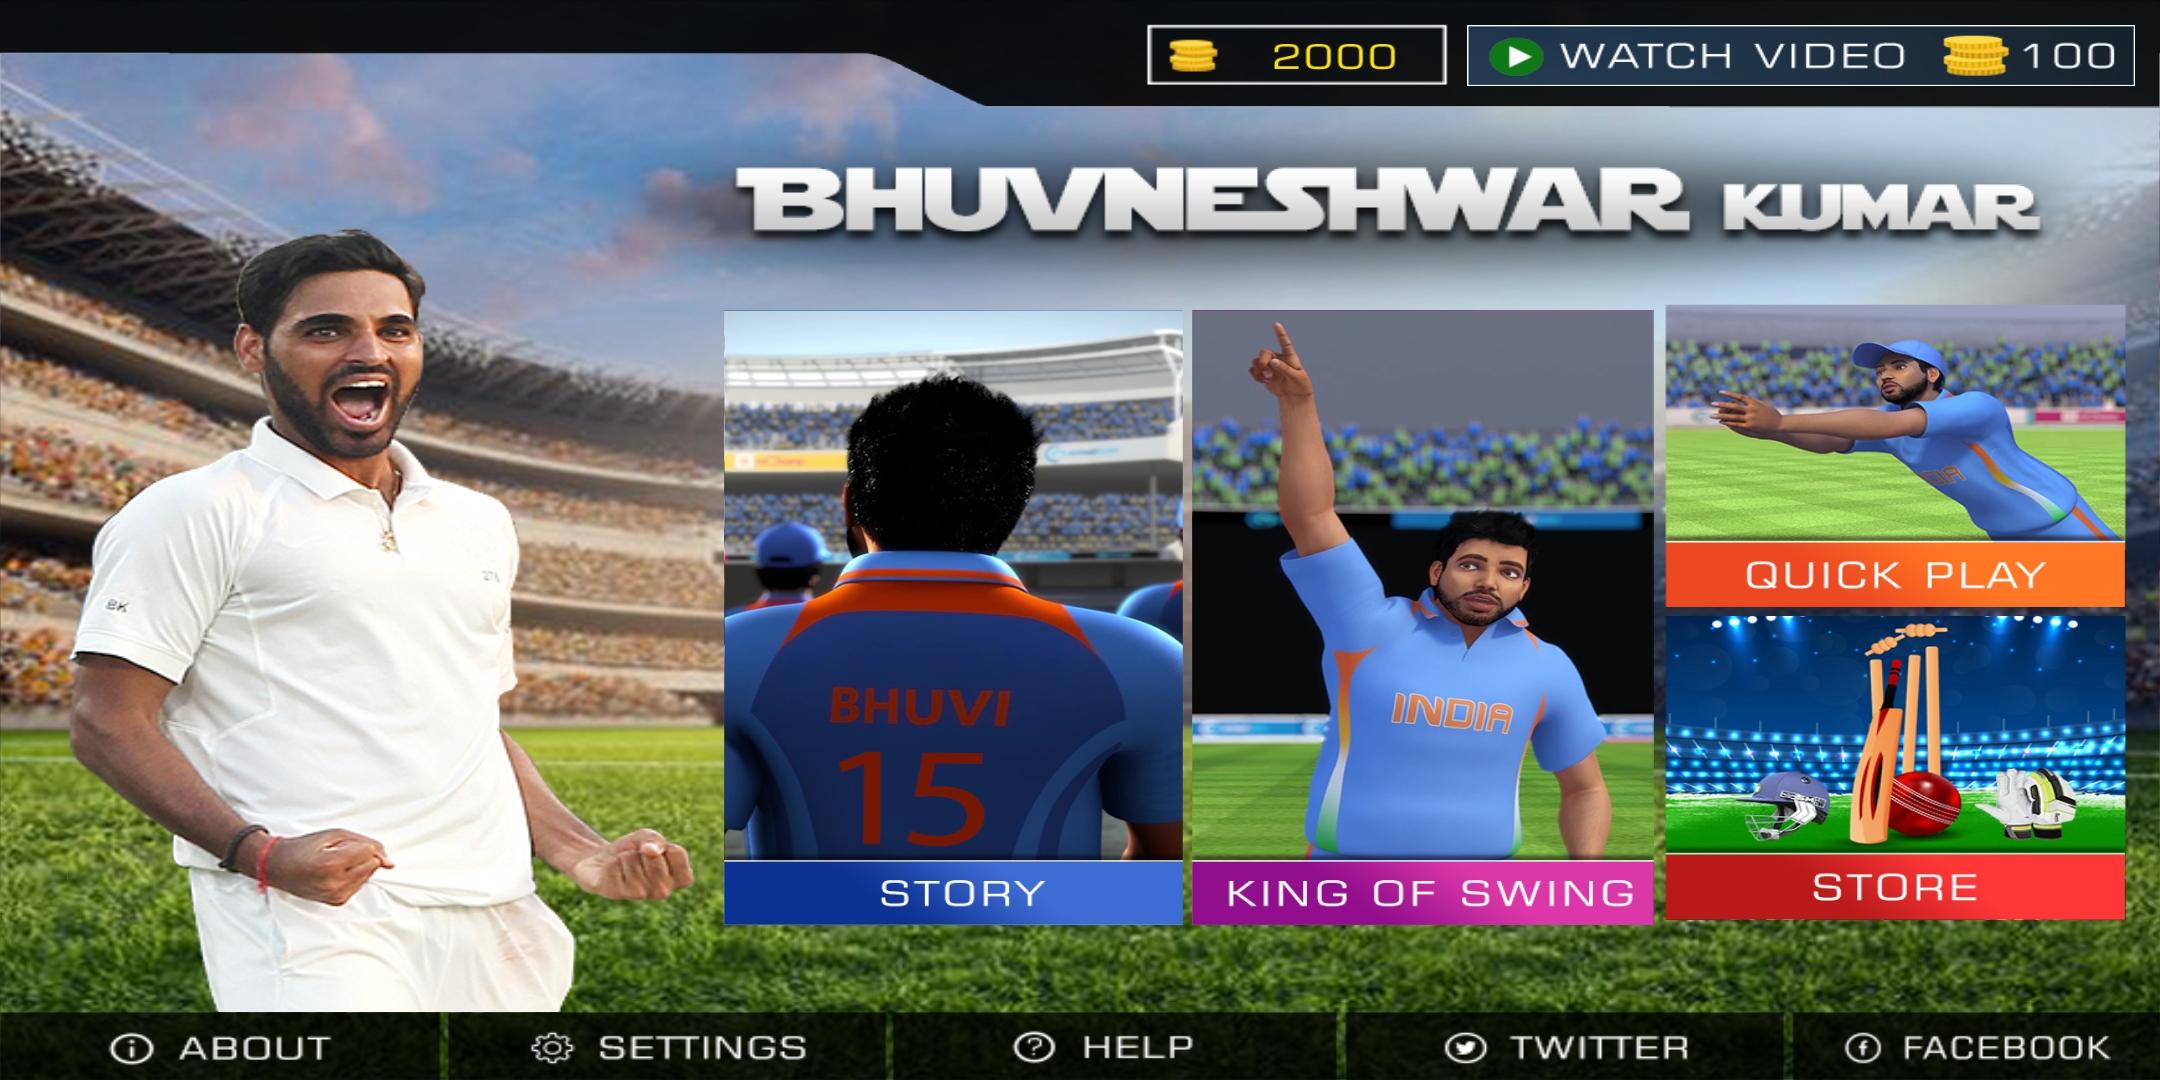 Bhuvneshwar Kumar: Official Cricket Game